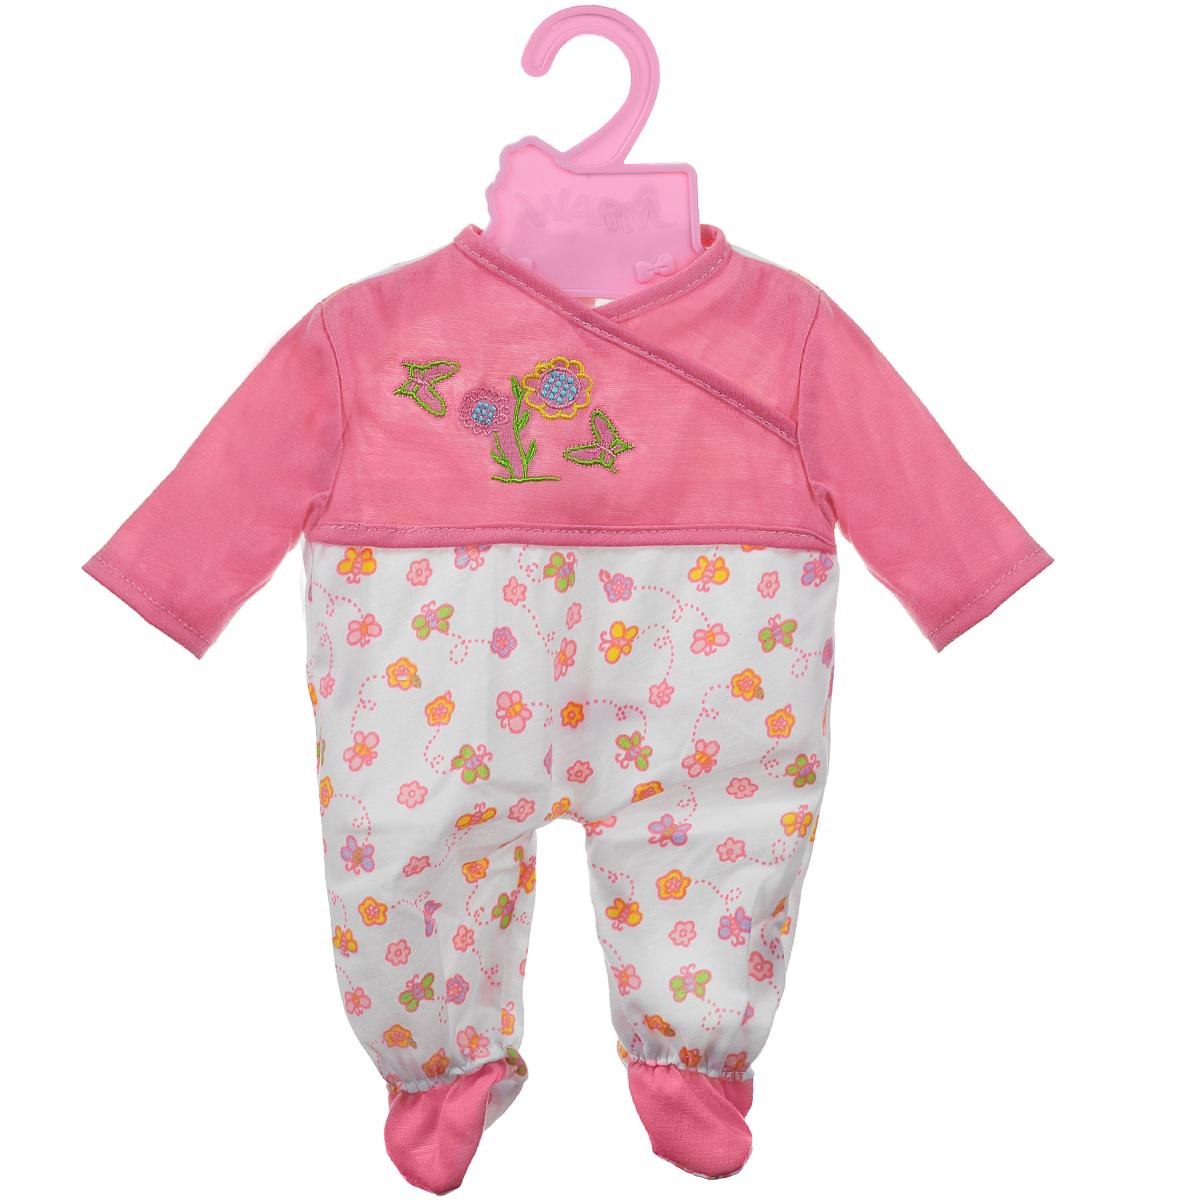 Куклы тоже любят менять наряды! Для них создается стильная и модная одежда, похожая на одежду маленьких детей. Этот бело-розовый комбинезон прекрасно подойдет кукле высотой 42 см. Груд комбинезона оформлена вышивкой в виде цветочков и бабочек, нижняя часть - принтом в виде бабочек и цветов. Застегивается изделие сзади на липучки. В комплект входят плечики розового цвета, на которые можно вешать комбинезон. В процессе игры любая девочка с удовольствием будет наряжать куклу, а, может быть, даже решит постирать одежку, пускай и в игрушечной стиральной машинке!